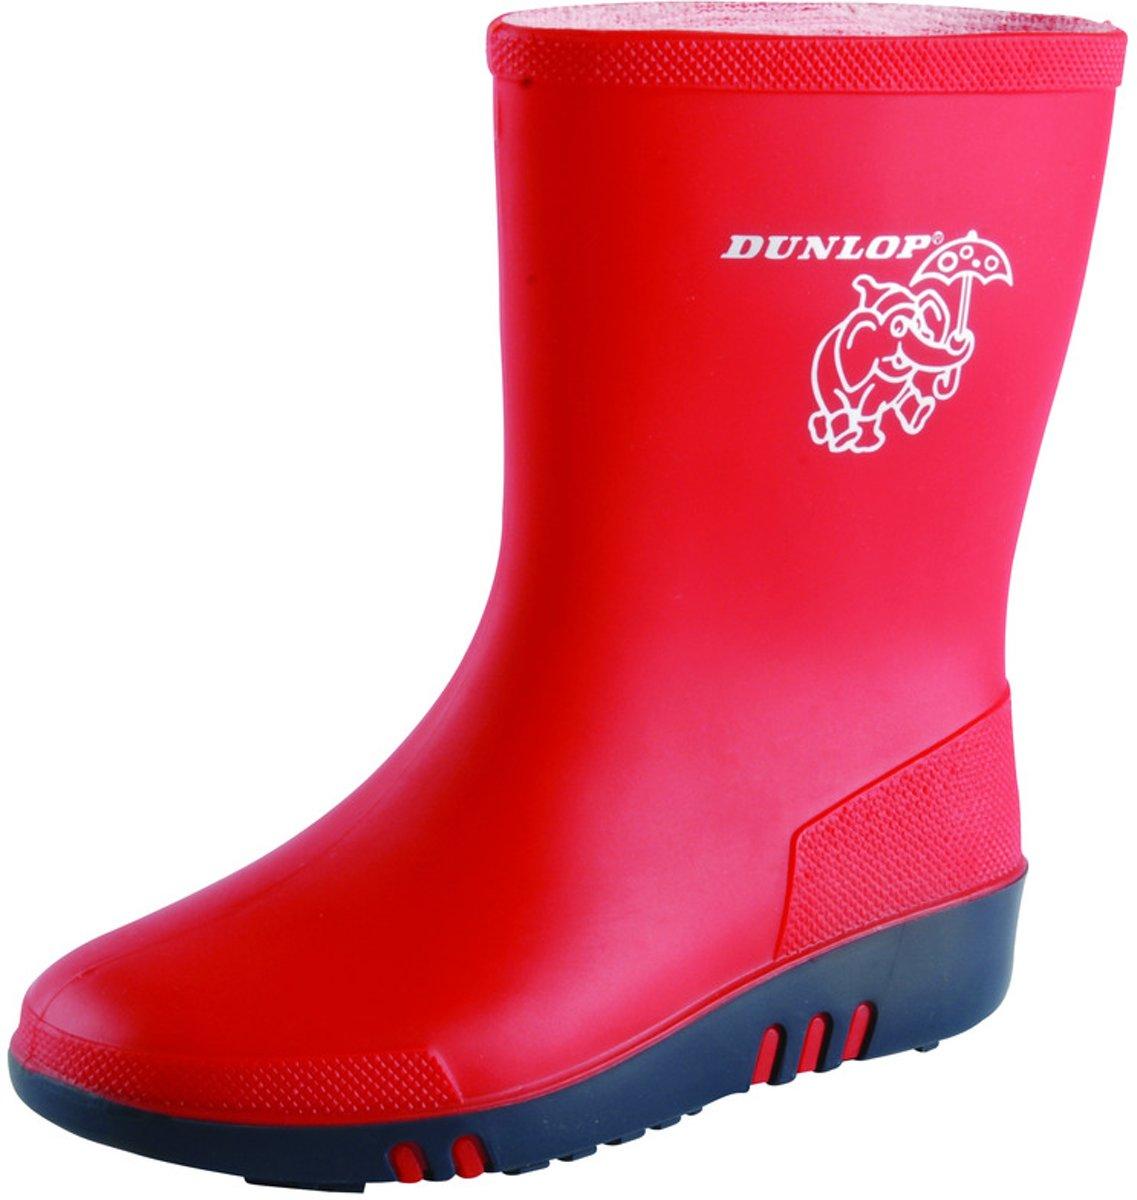 Dunlop Rapido regenlaarzen kopen?